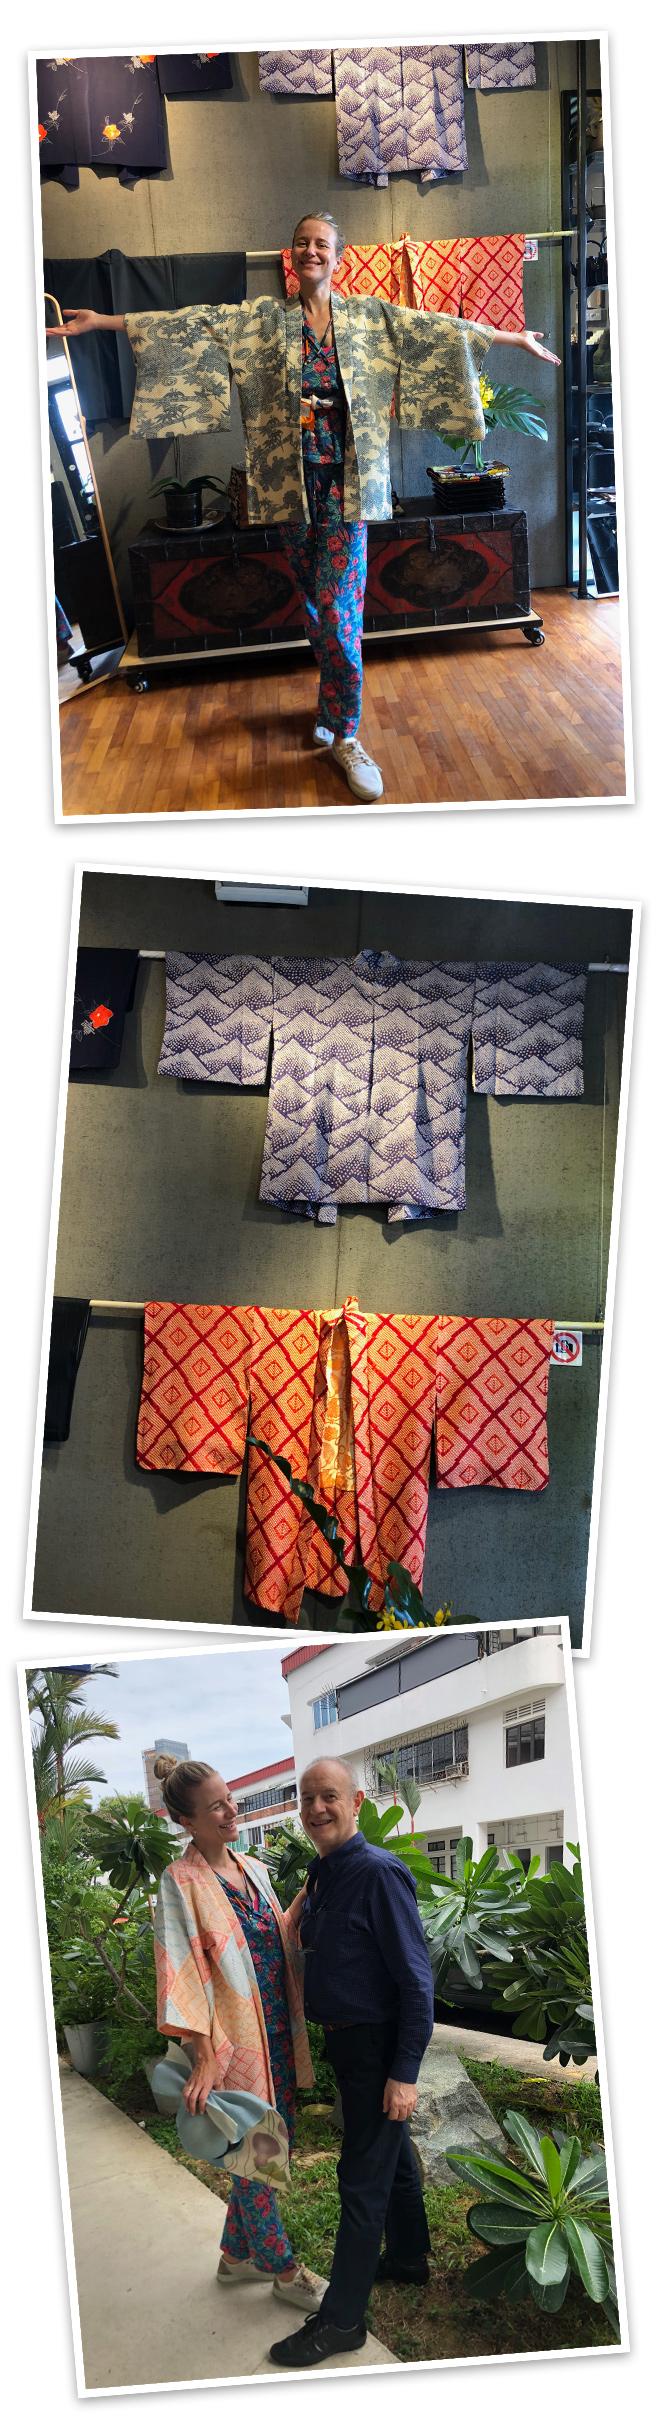 DGA Threads. Justo enfrente del Mercado Tiong Bahru, esta tienda fue todo un descubrimiento. Maravillosa su selección de ropa de estilo asiático. Me enamoré de sus preciosos kimonos de elegantes tejidos. Pino, su encantador propietario que es italiano, me dio buenísimas lecciones de cómo ponerse cada prenda!!